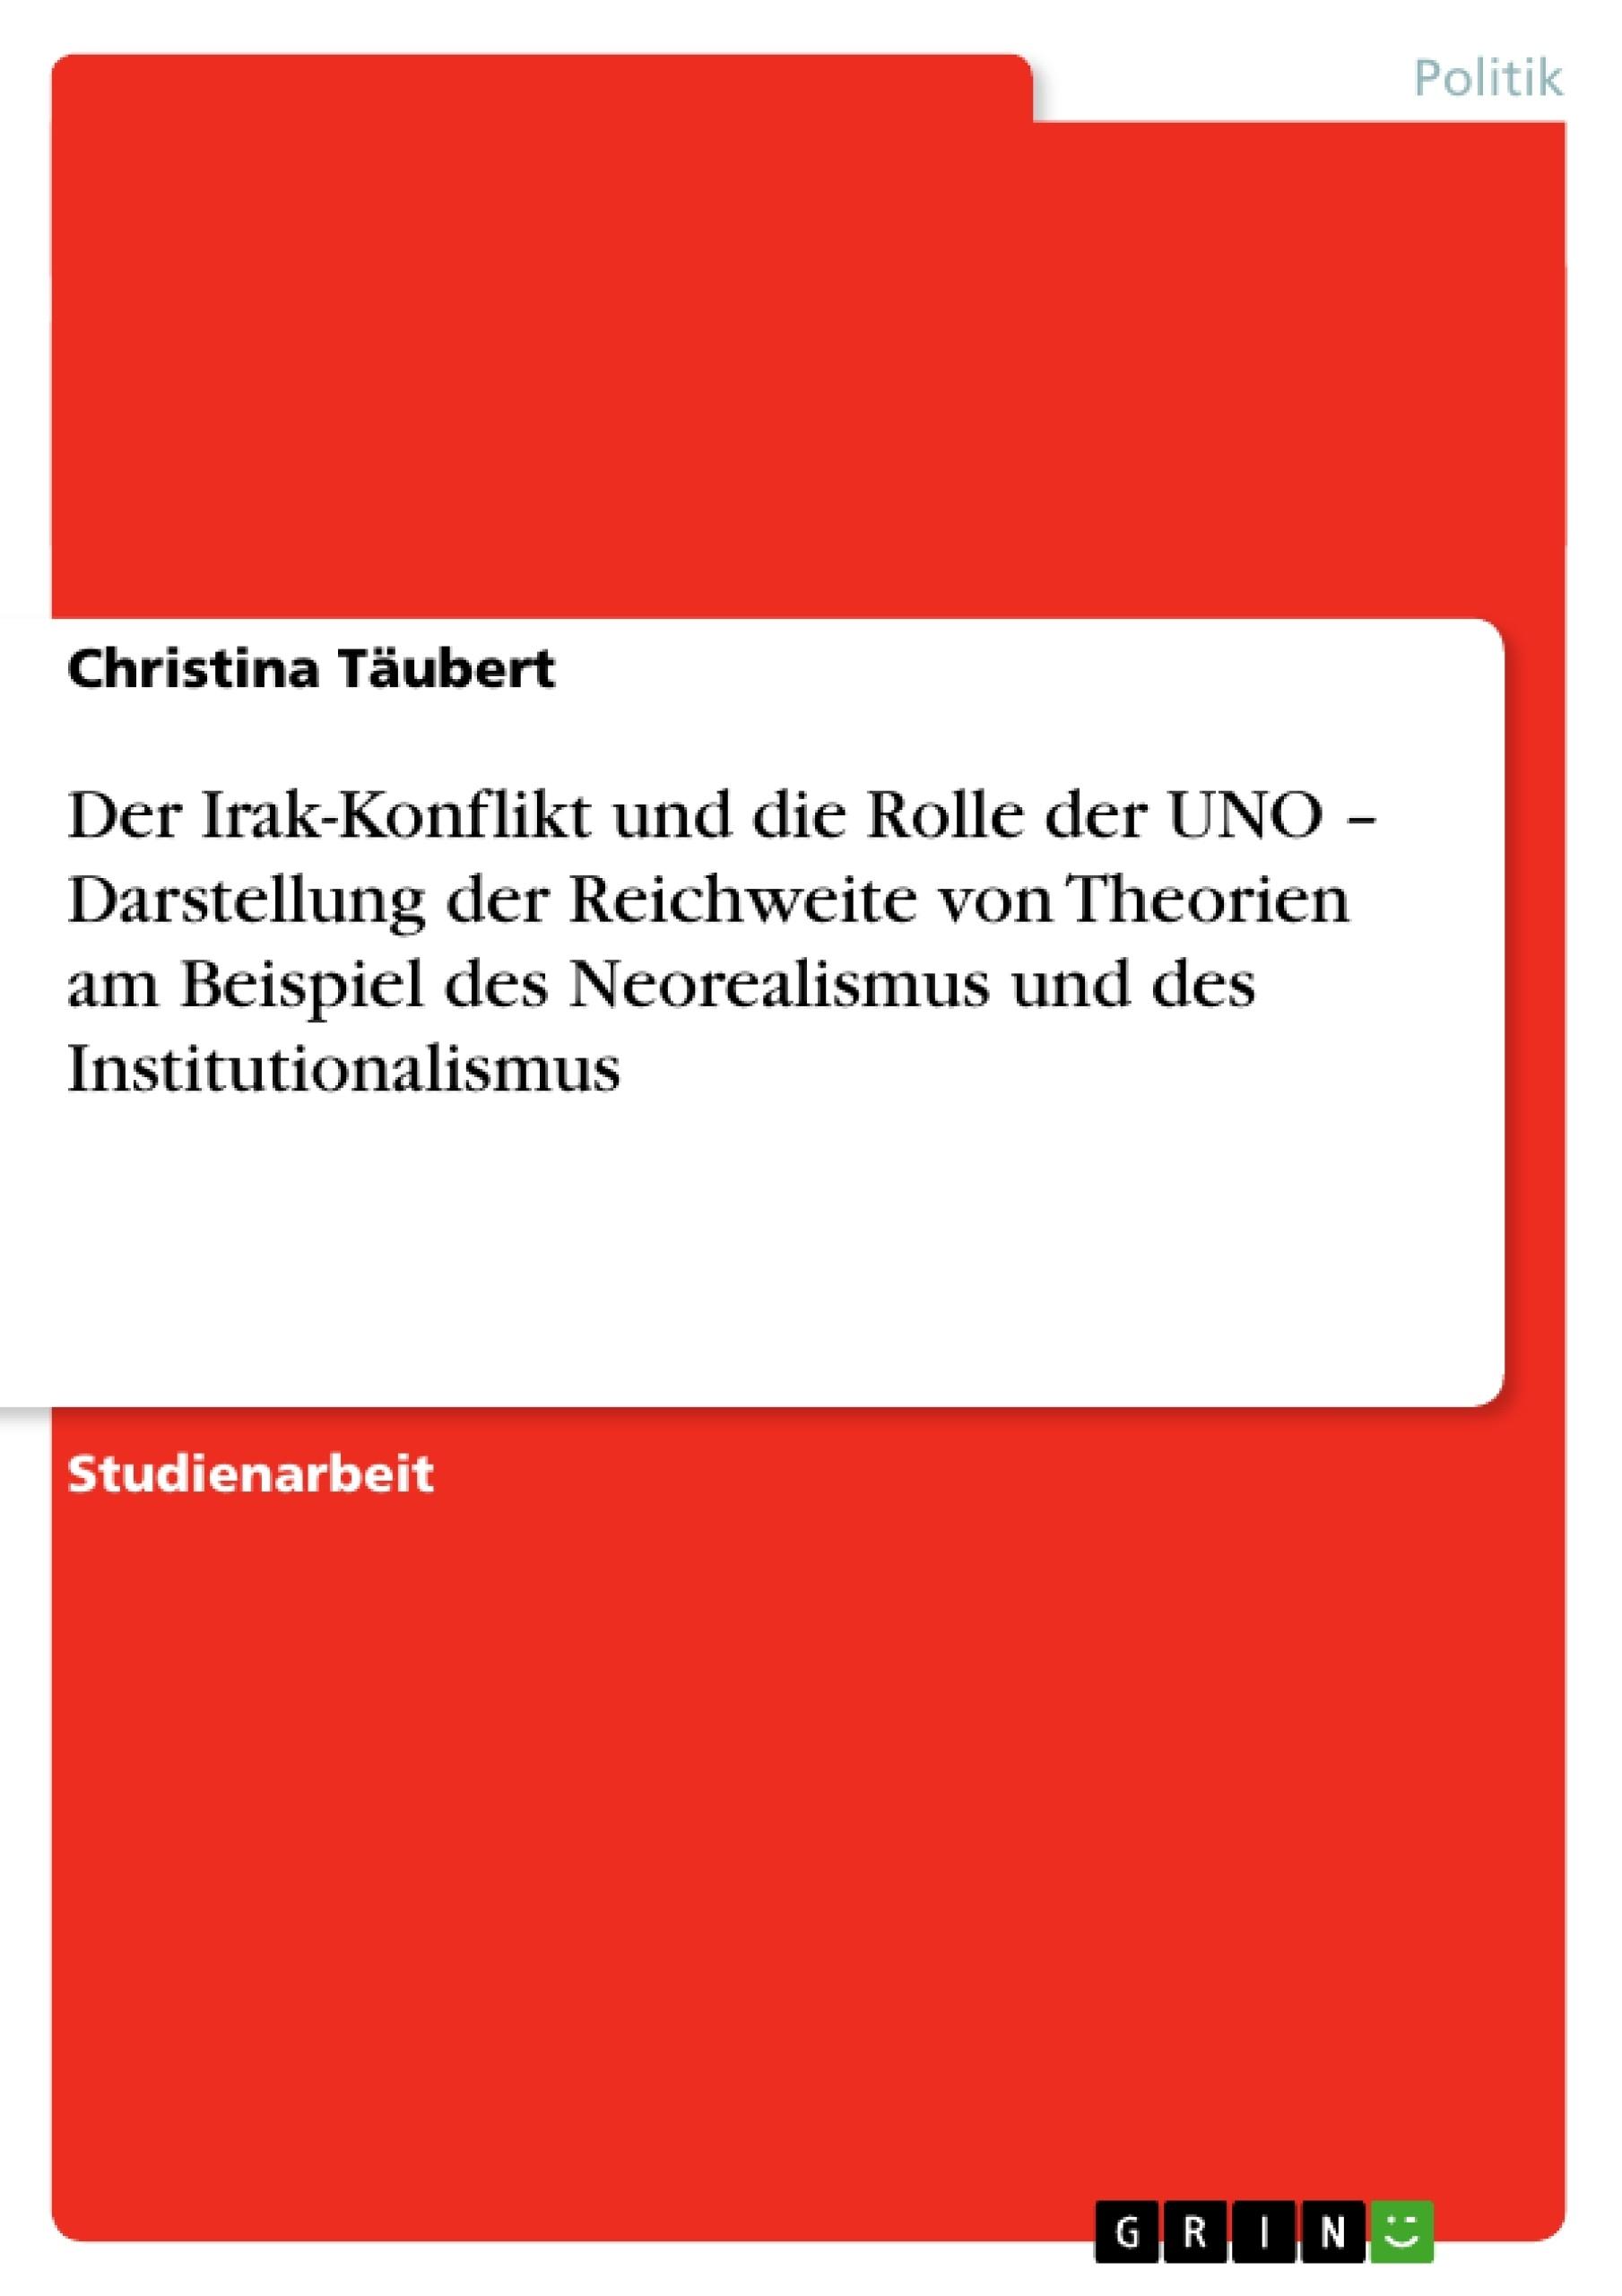 Titel: Der Irak-Konflikt und die Rolle der UNO – Darstellung der Reichweite von Theorien am Beispiel des Neorealismus und des Institutionalismus